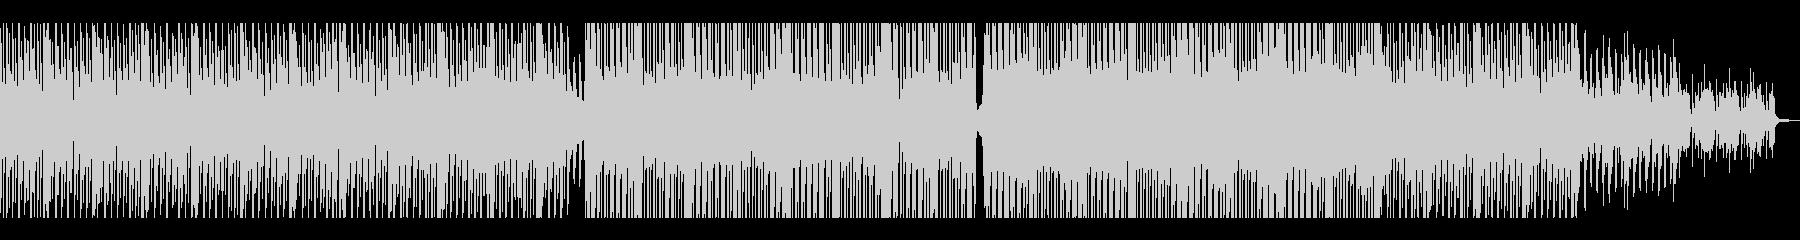 【短いVer2】80年代風テクノポップの未再生の波形